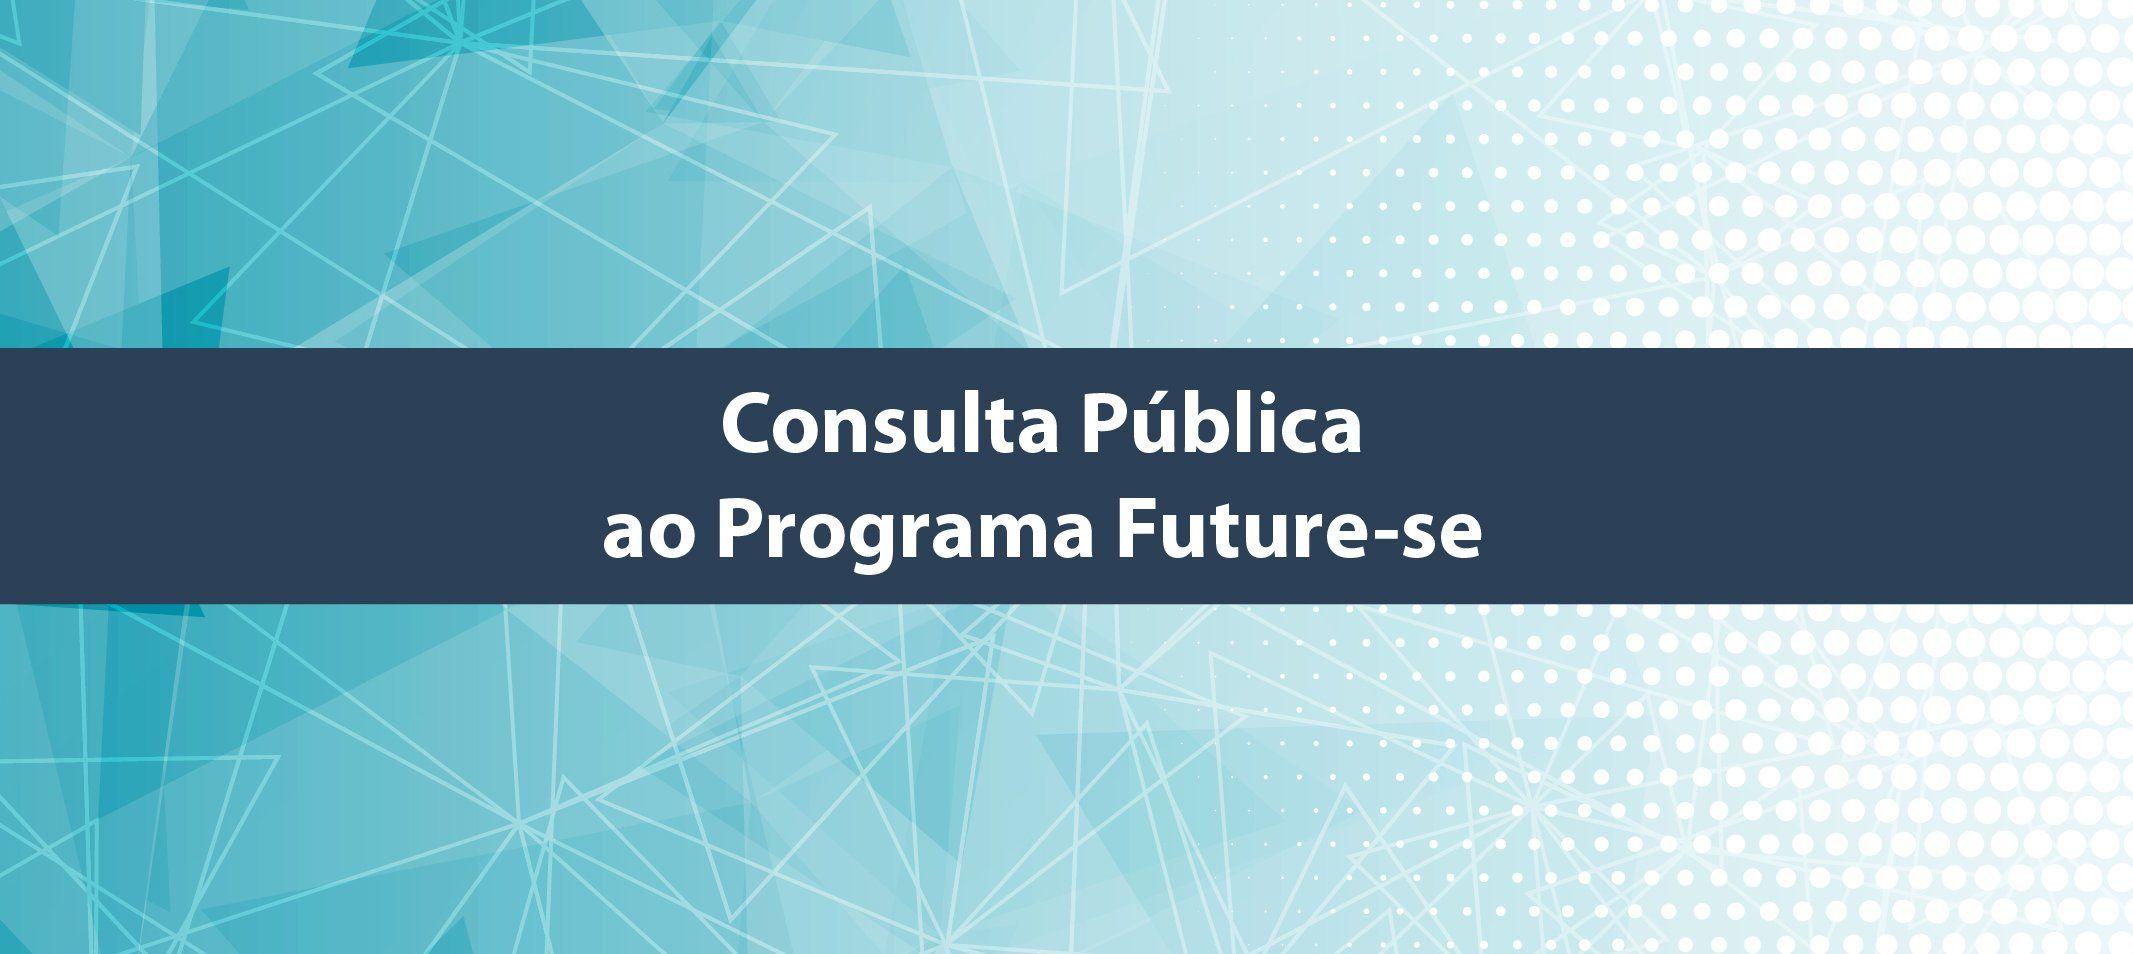 Instituições Federais de Ensino Superior têm até dia 7 de agosto para encaminhar considerações acerca do Programa Future-se